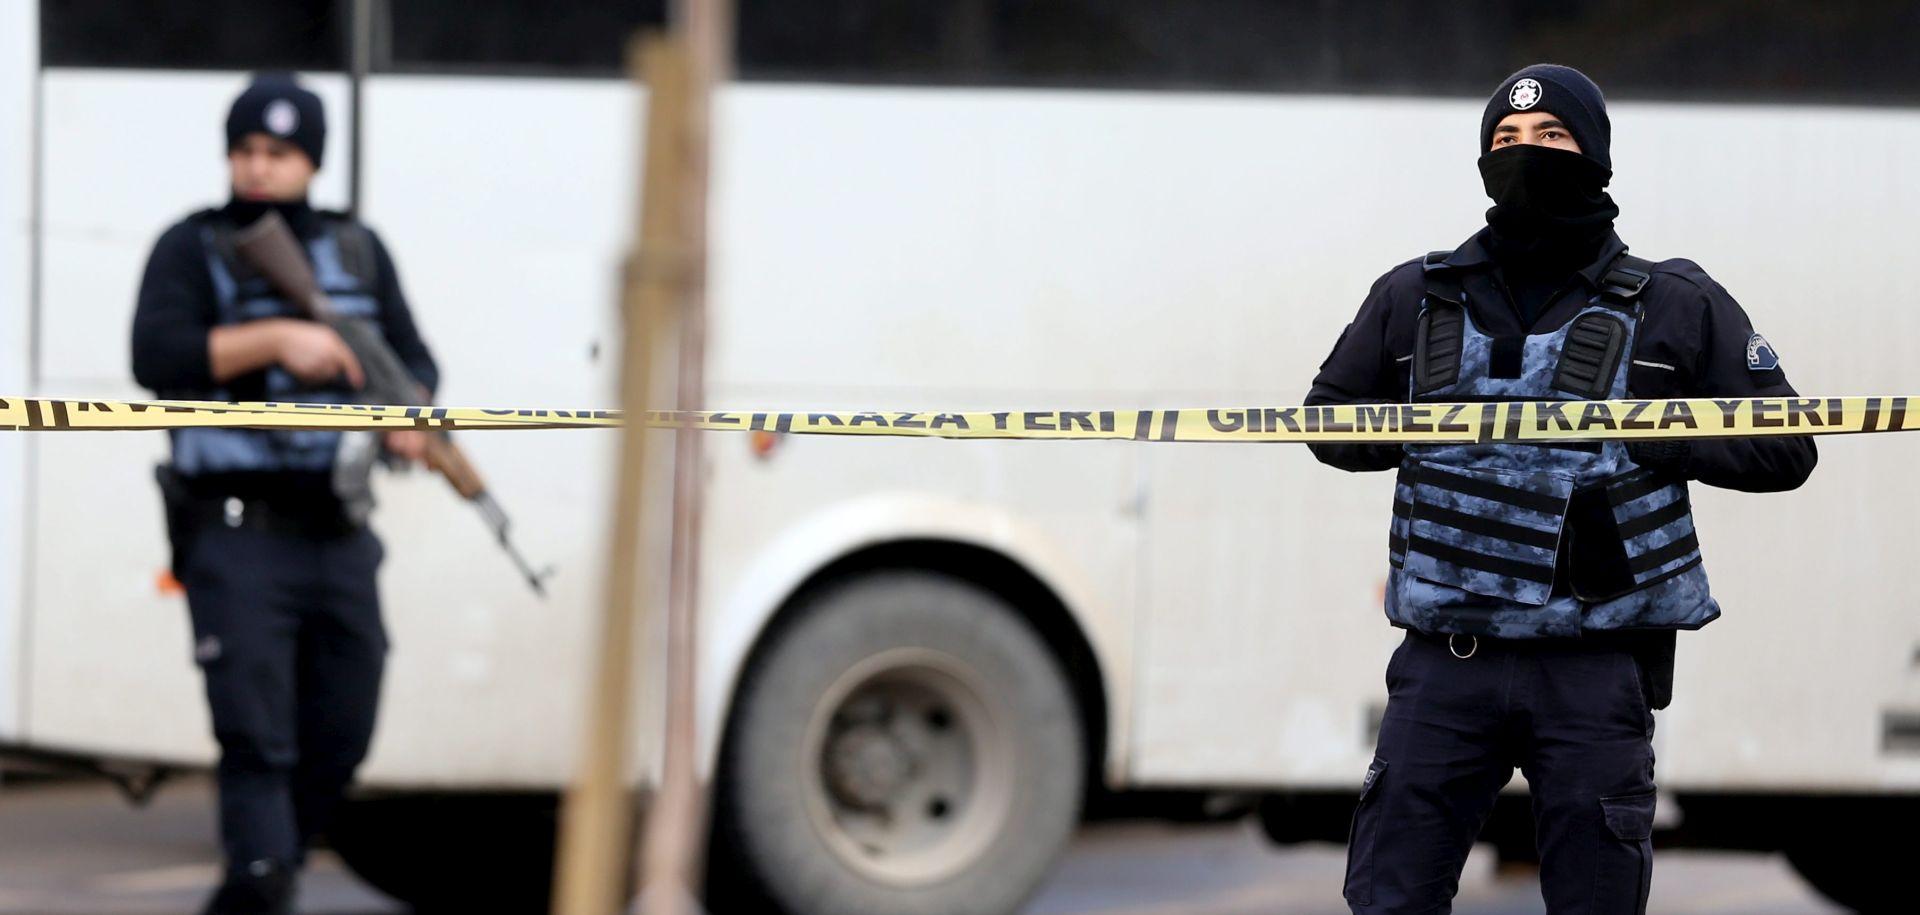 U Turskoj uhićeno 60 osumnjičenih povezanih s IS-om